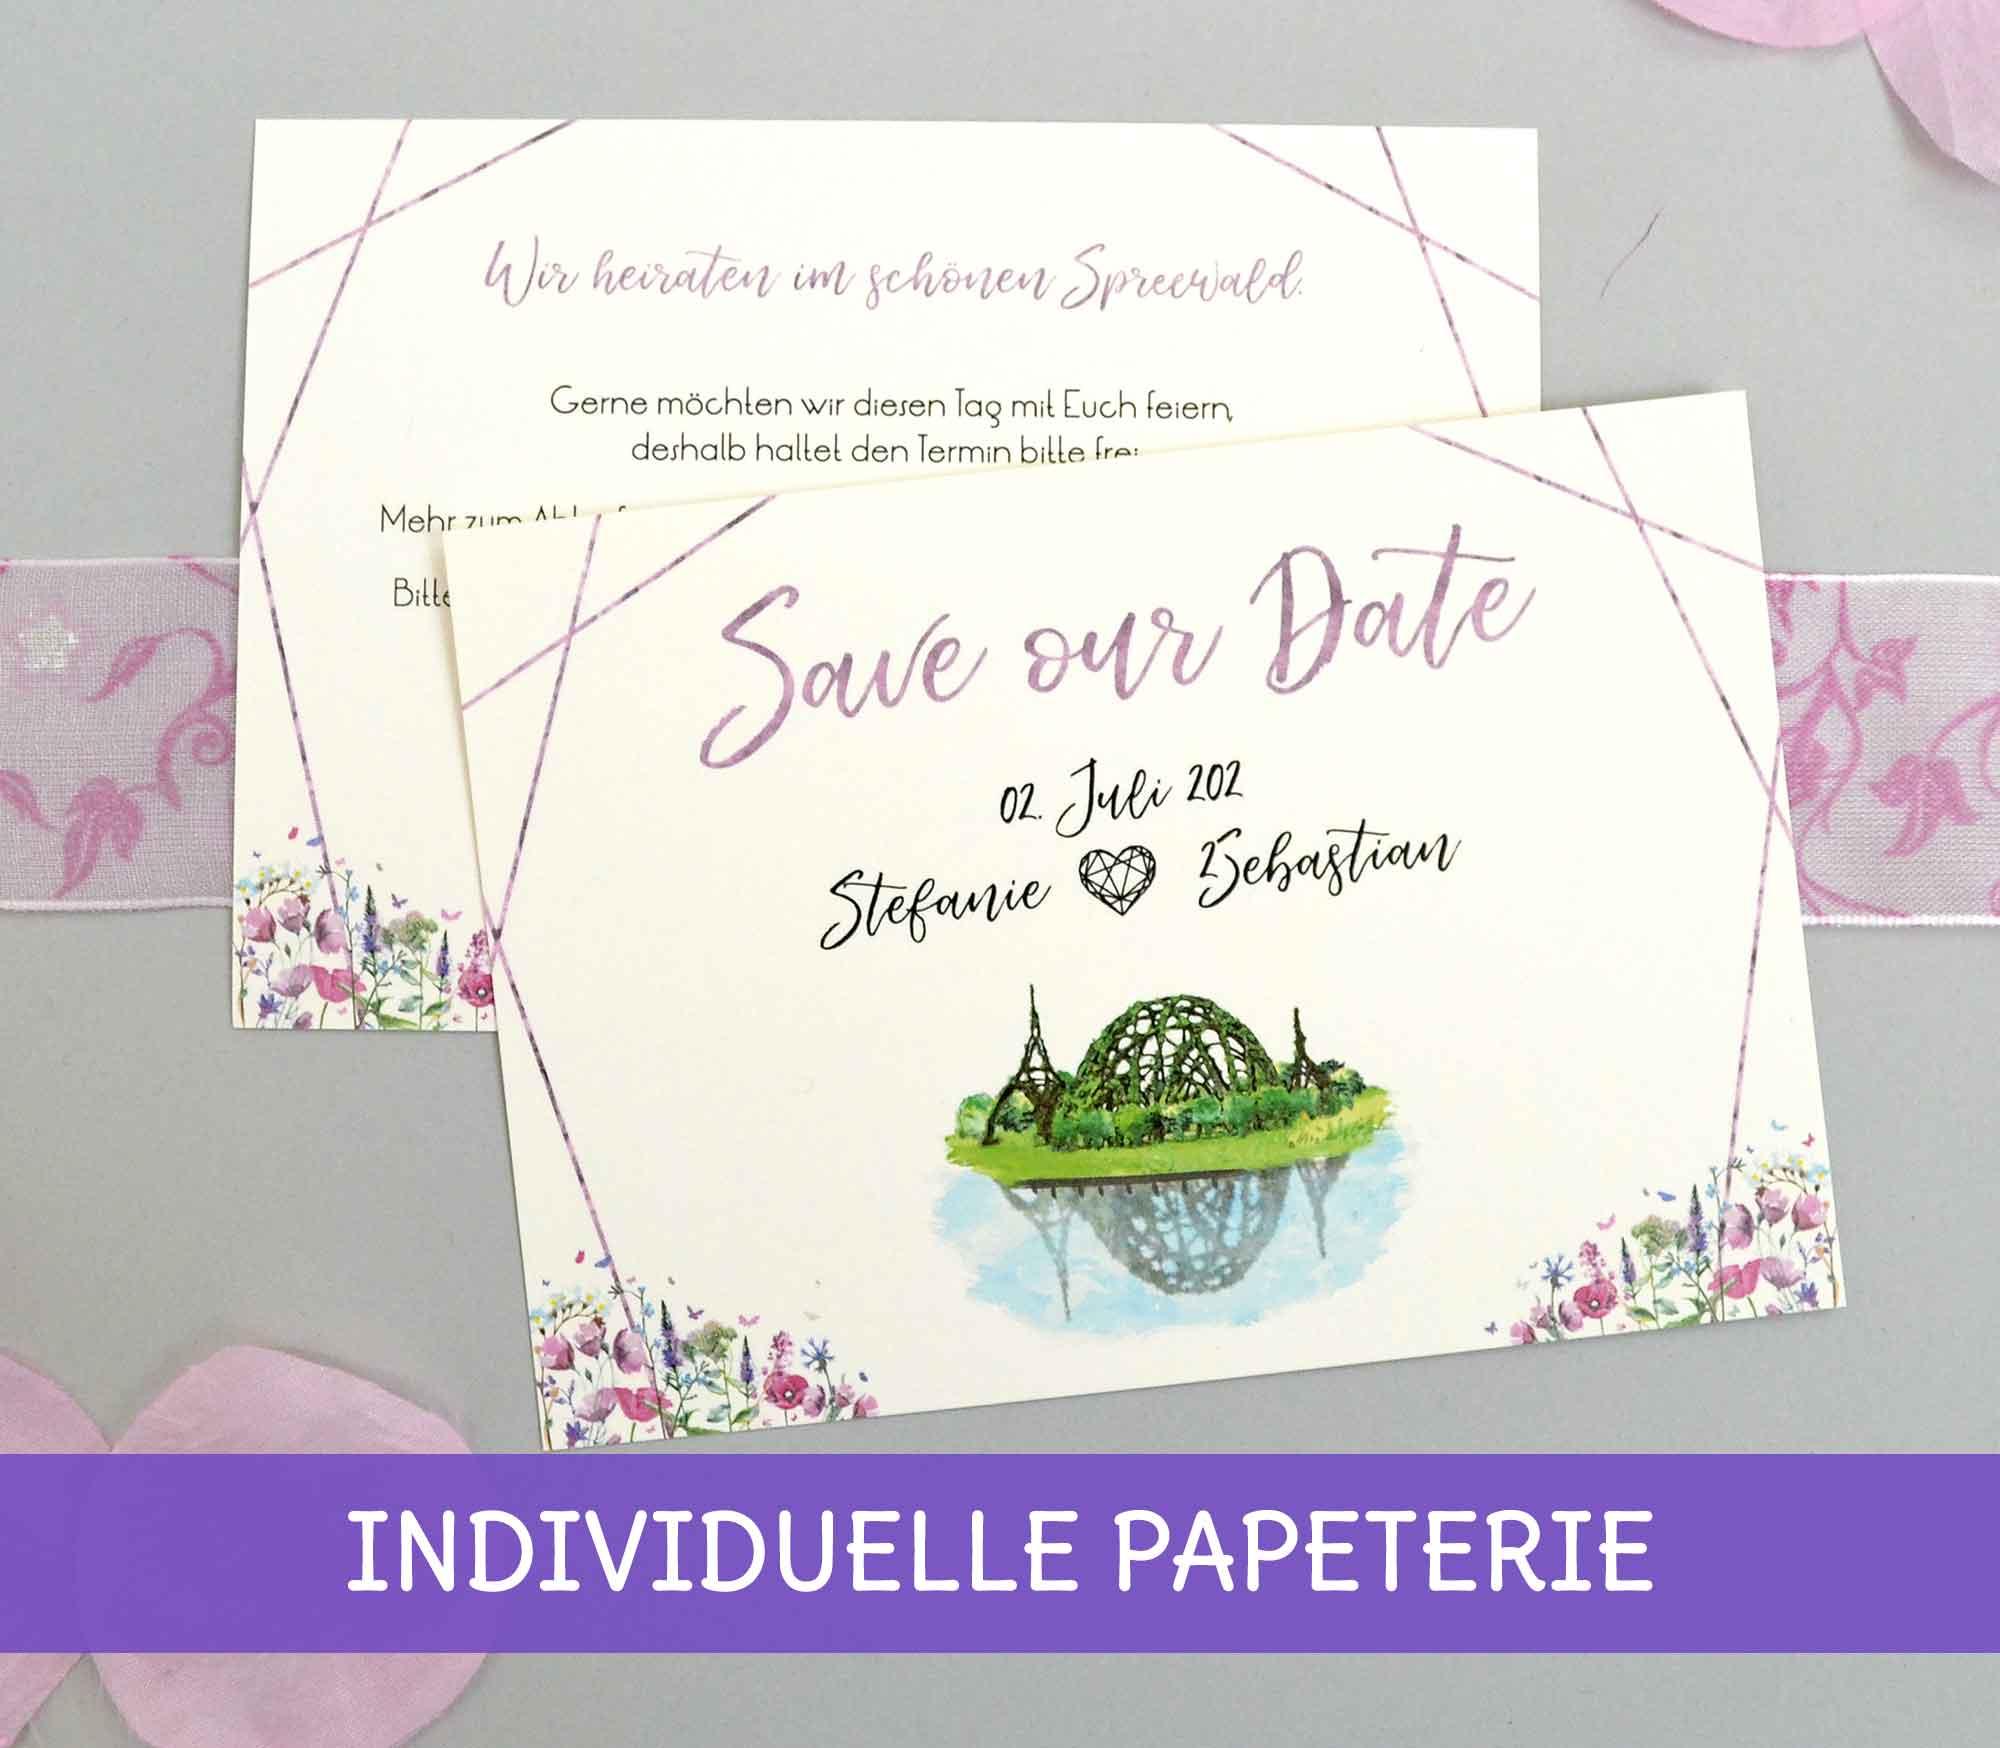 Individuelle Einladungen und Save the Date Karten für die Hochzeit